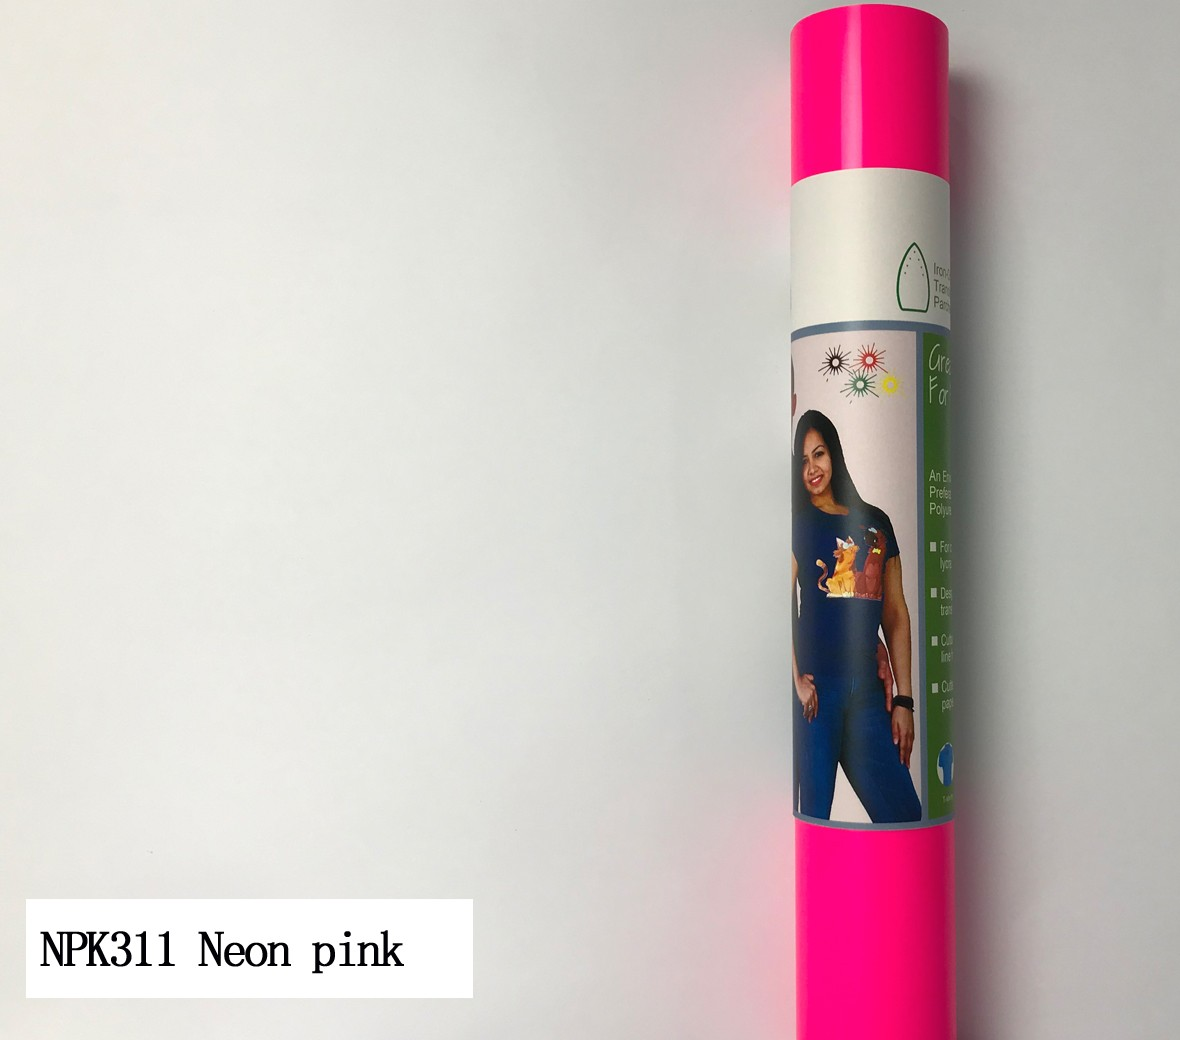 NPK311 neon pink